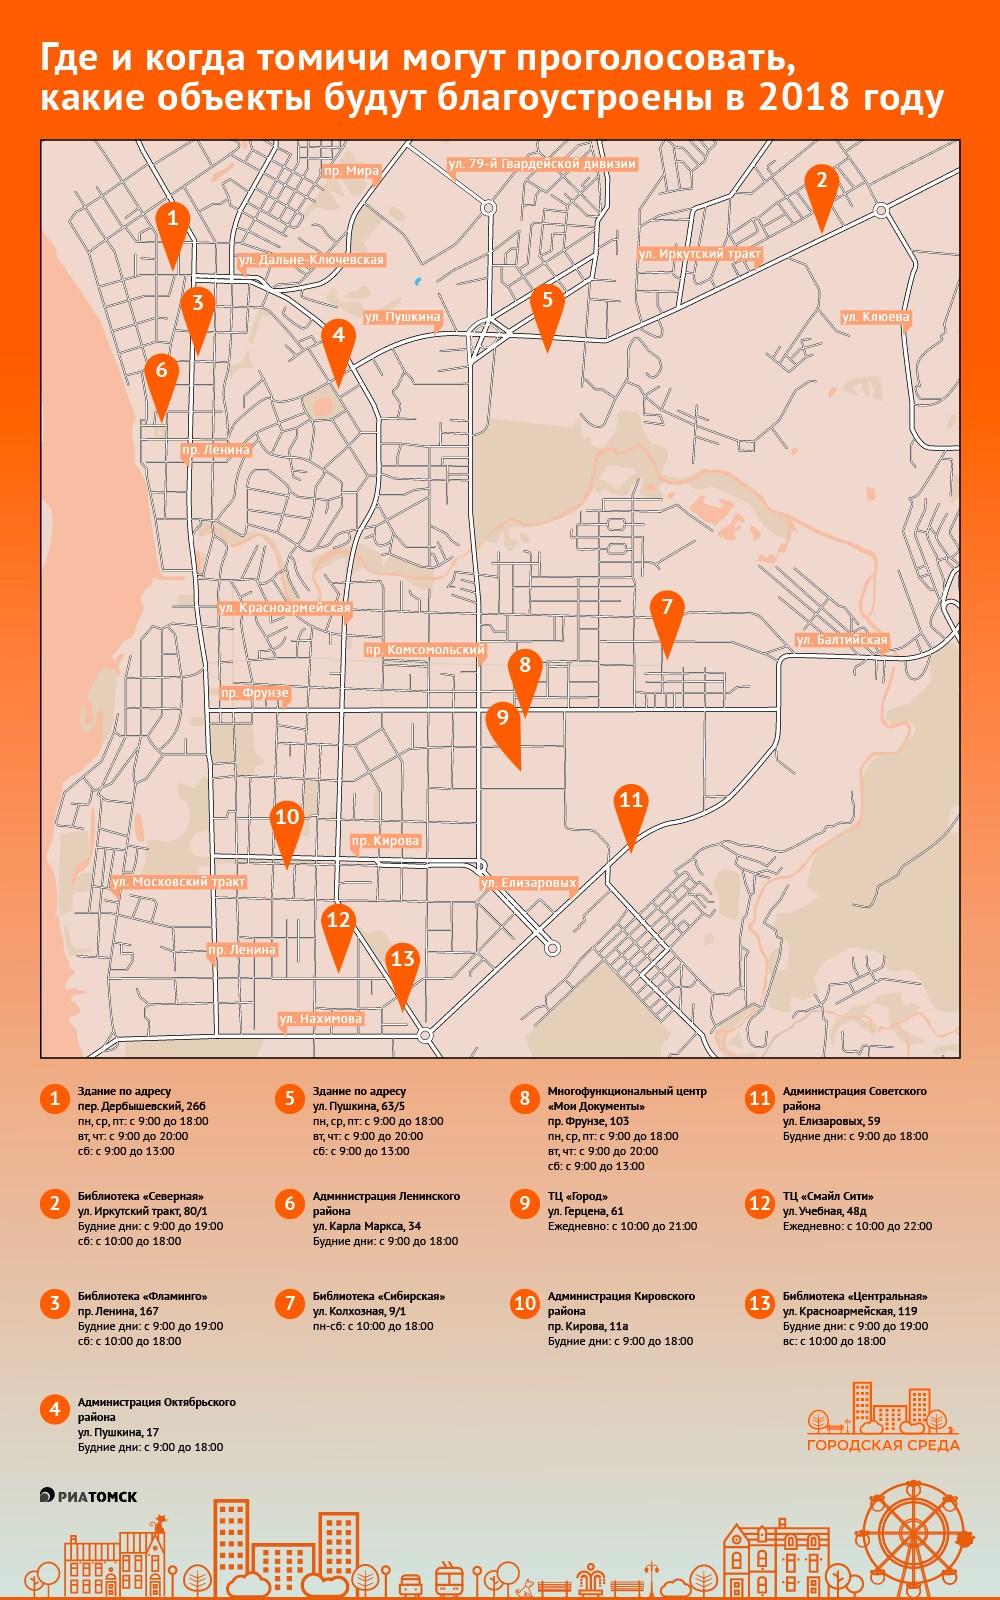 Томичи могут выбрать, какие парки, скверы, бульвары и пешеходные улицы города будут благоустроены в 2018 году в рамках федерального приоритетного проекта Формирование комфортной городской среды. До 9 февраля всех горожан приглашают высказать свое мнение, опустив бланк в один из 13-ти кубов.